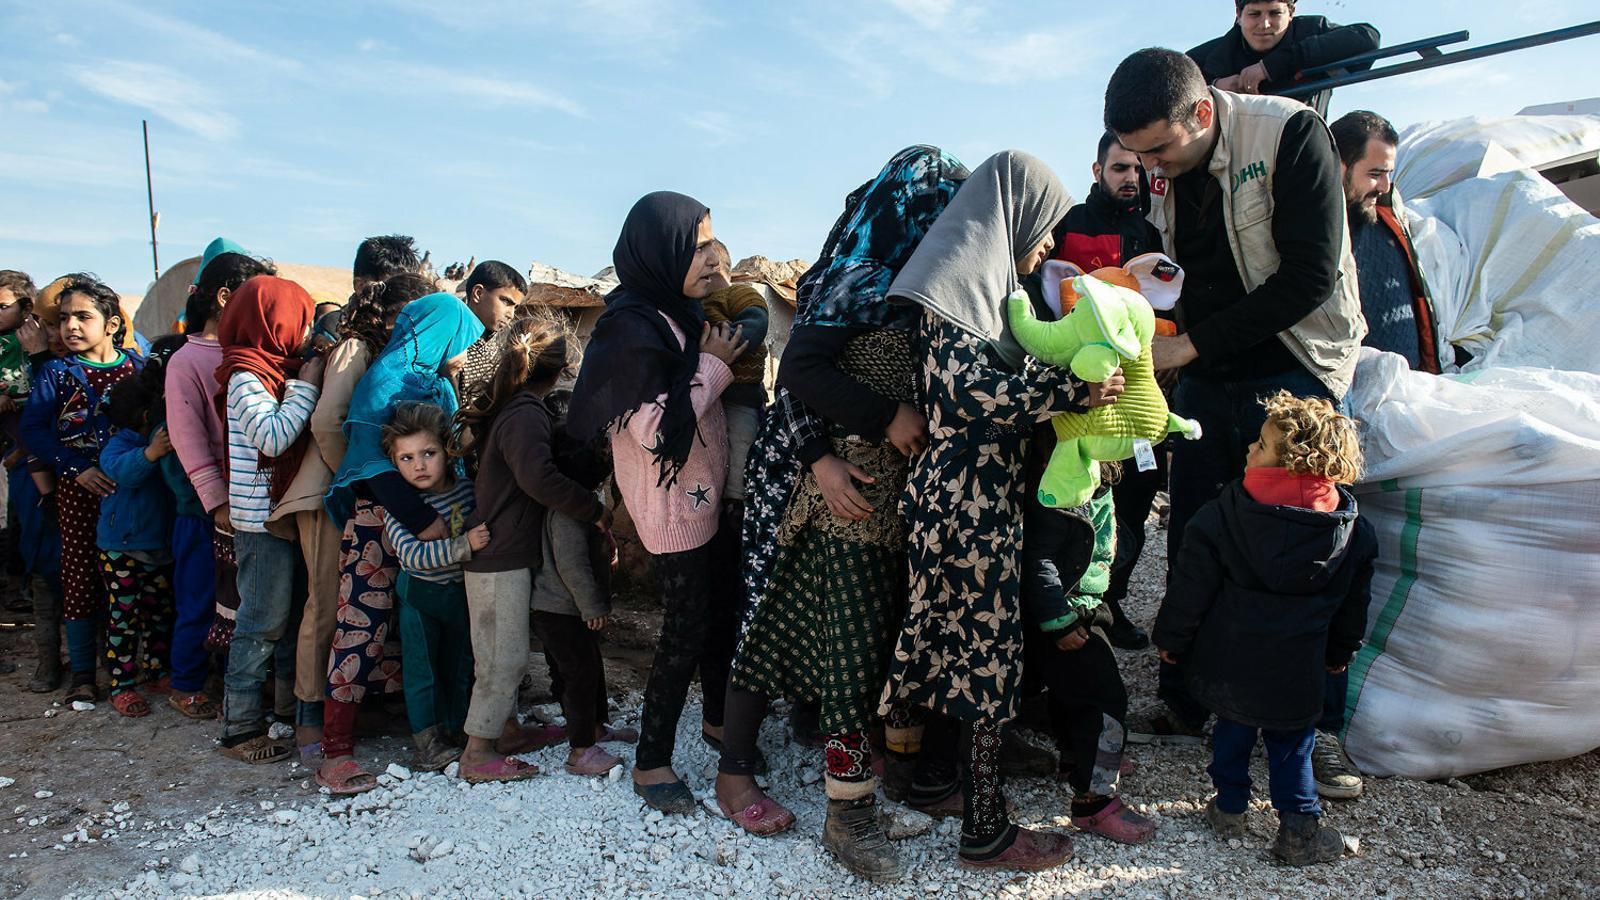 El xantatge d'Erdogan amb els refugiats desafia l'immobilisme de Brussel·les